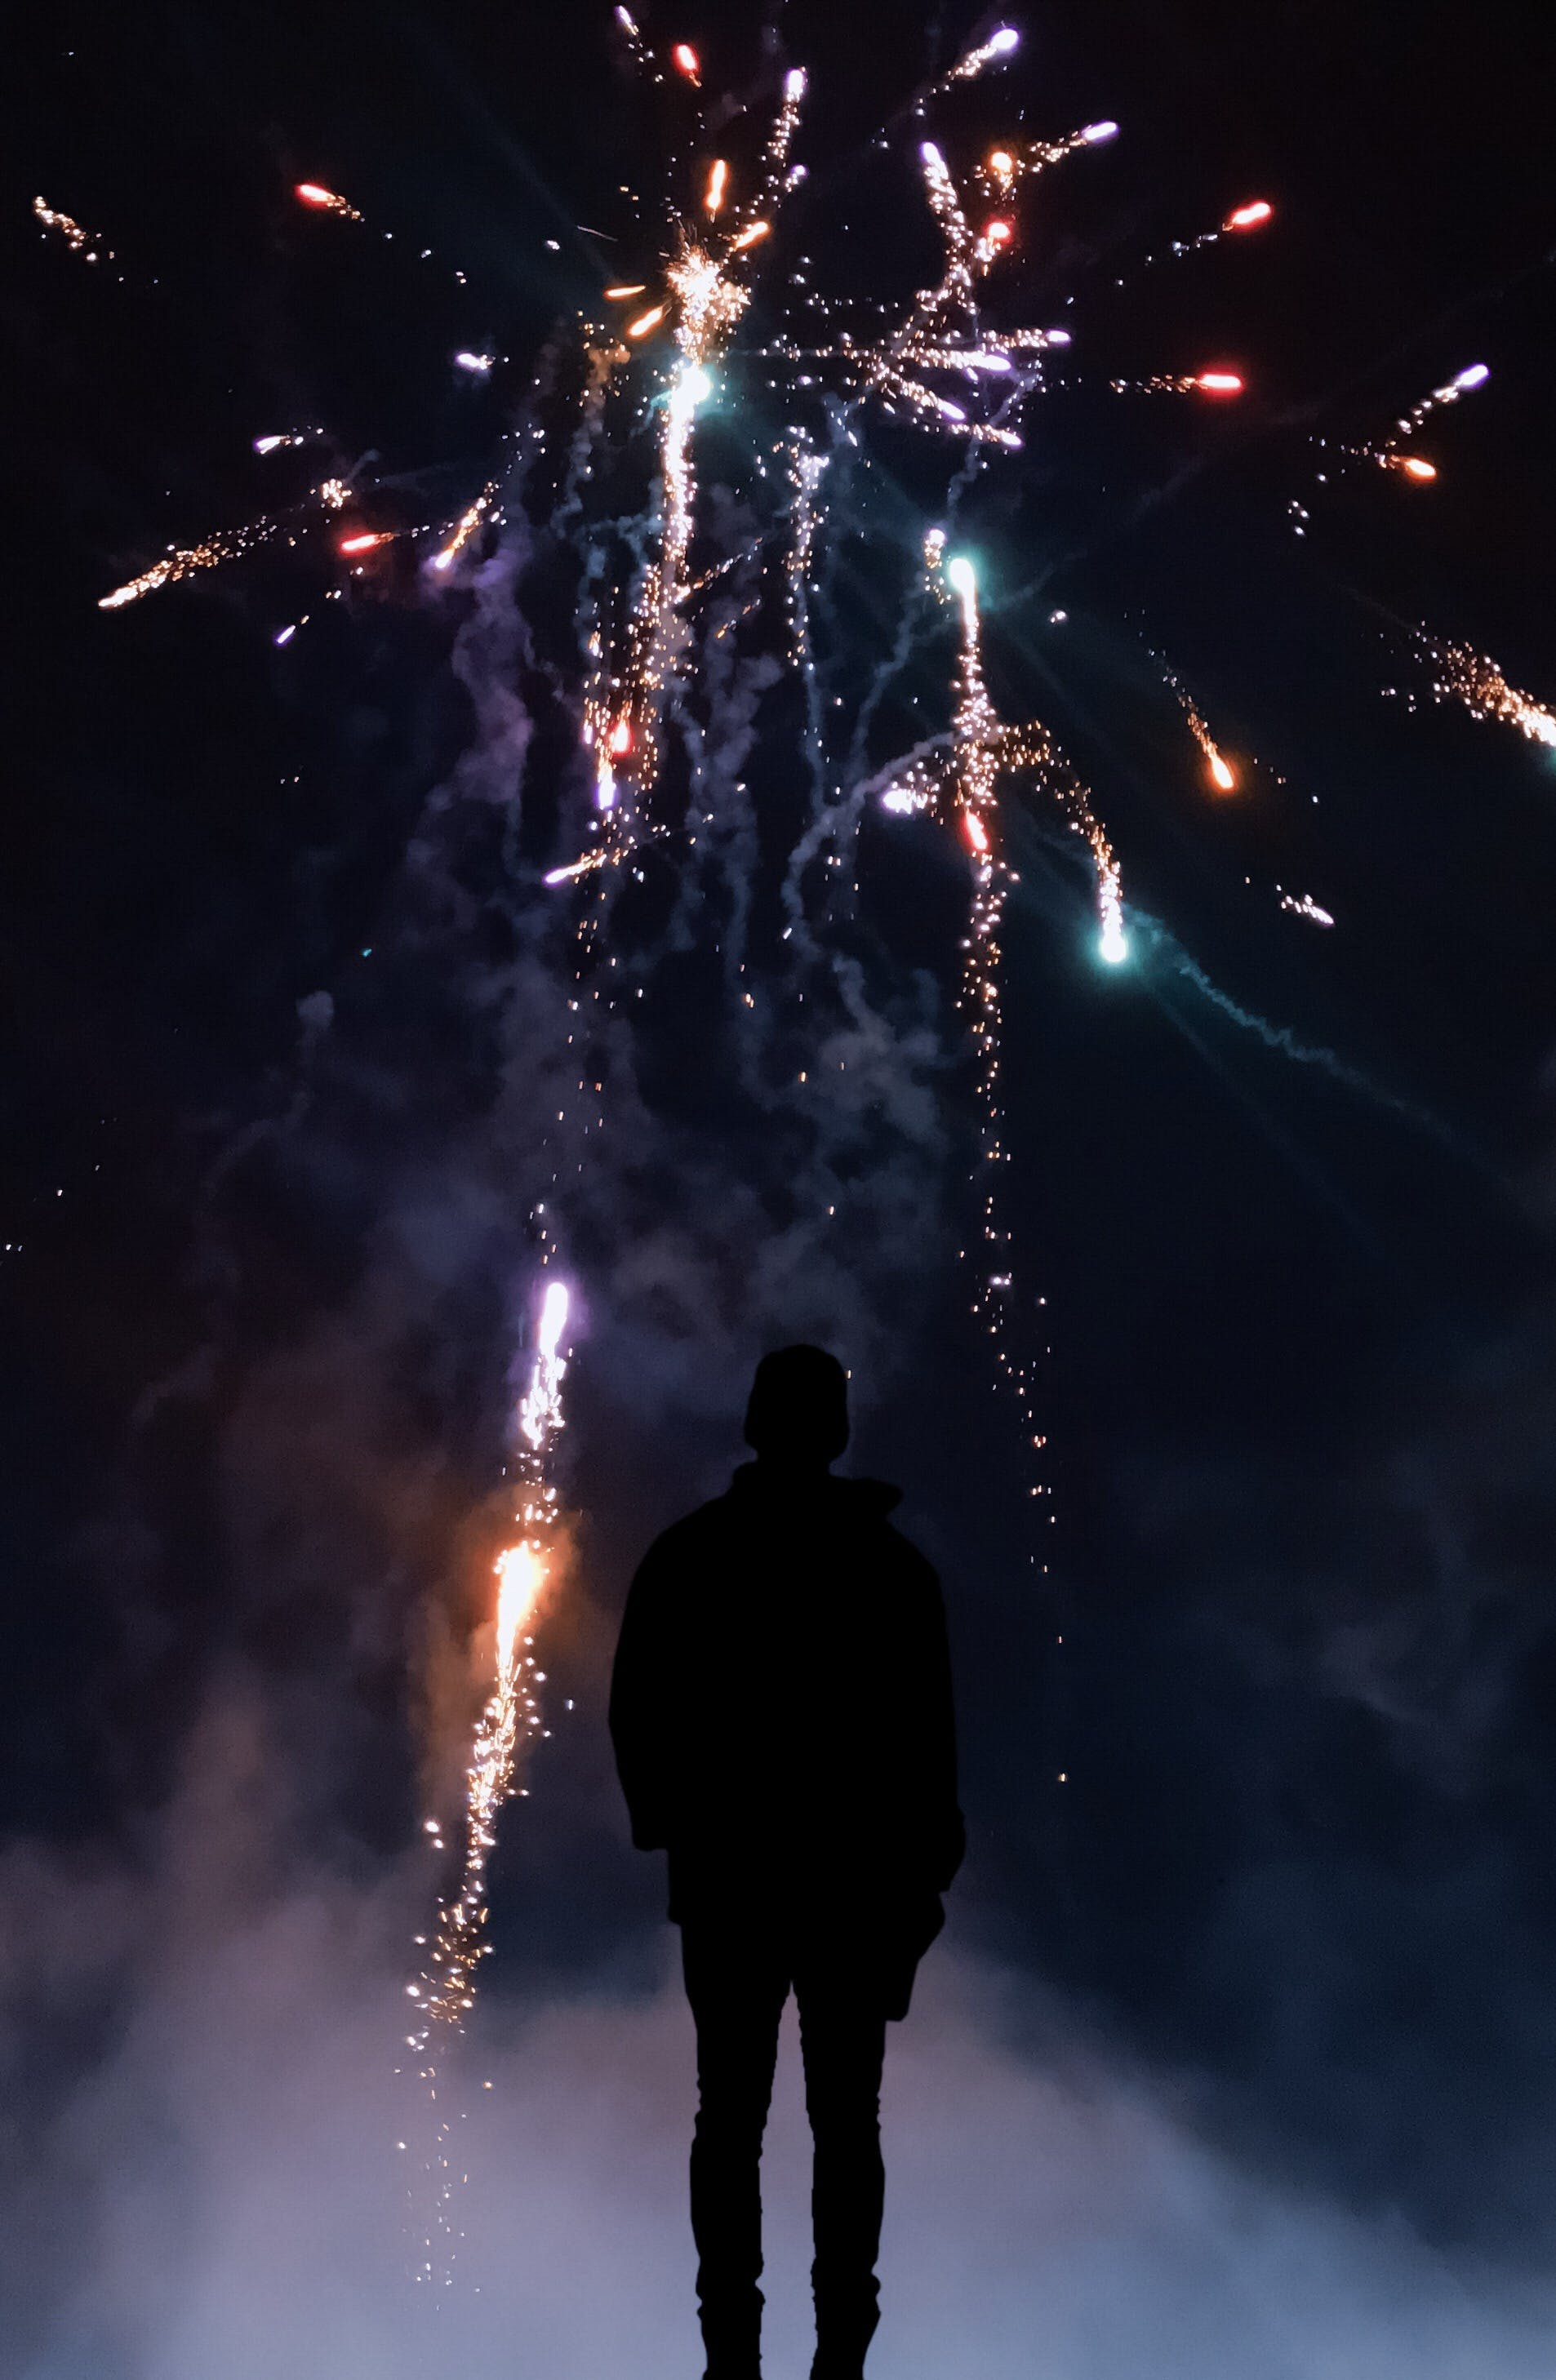 剪影, 夜空, 彩色煙霧, 慶祝 的 免费素材照片